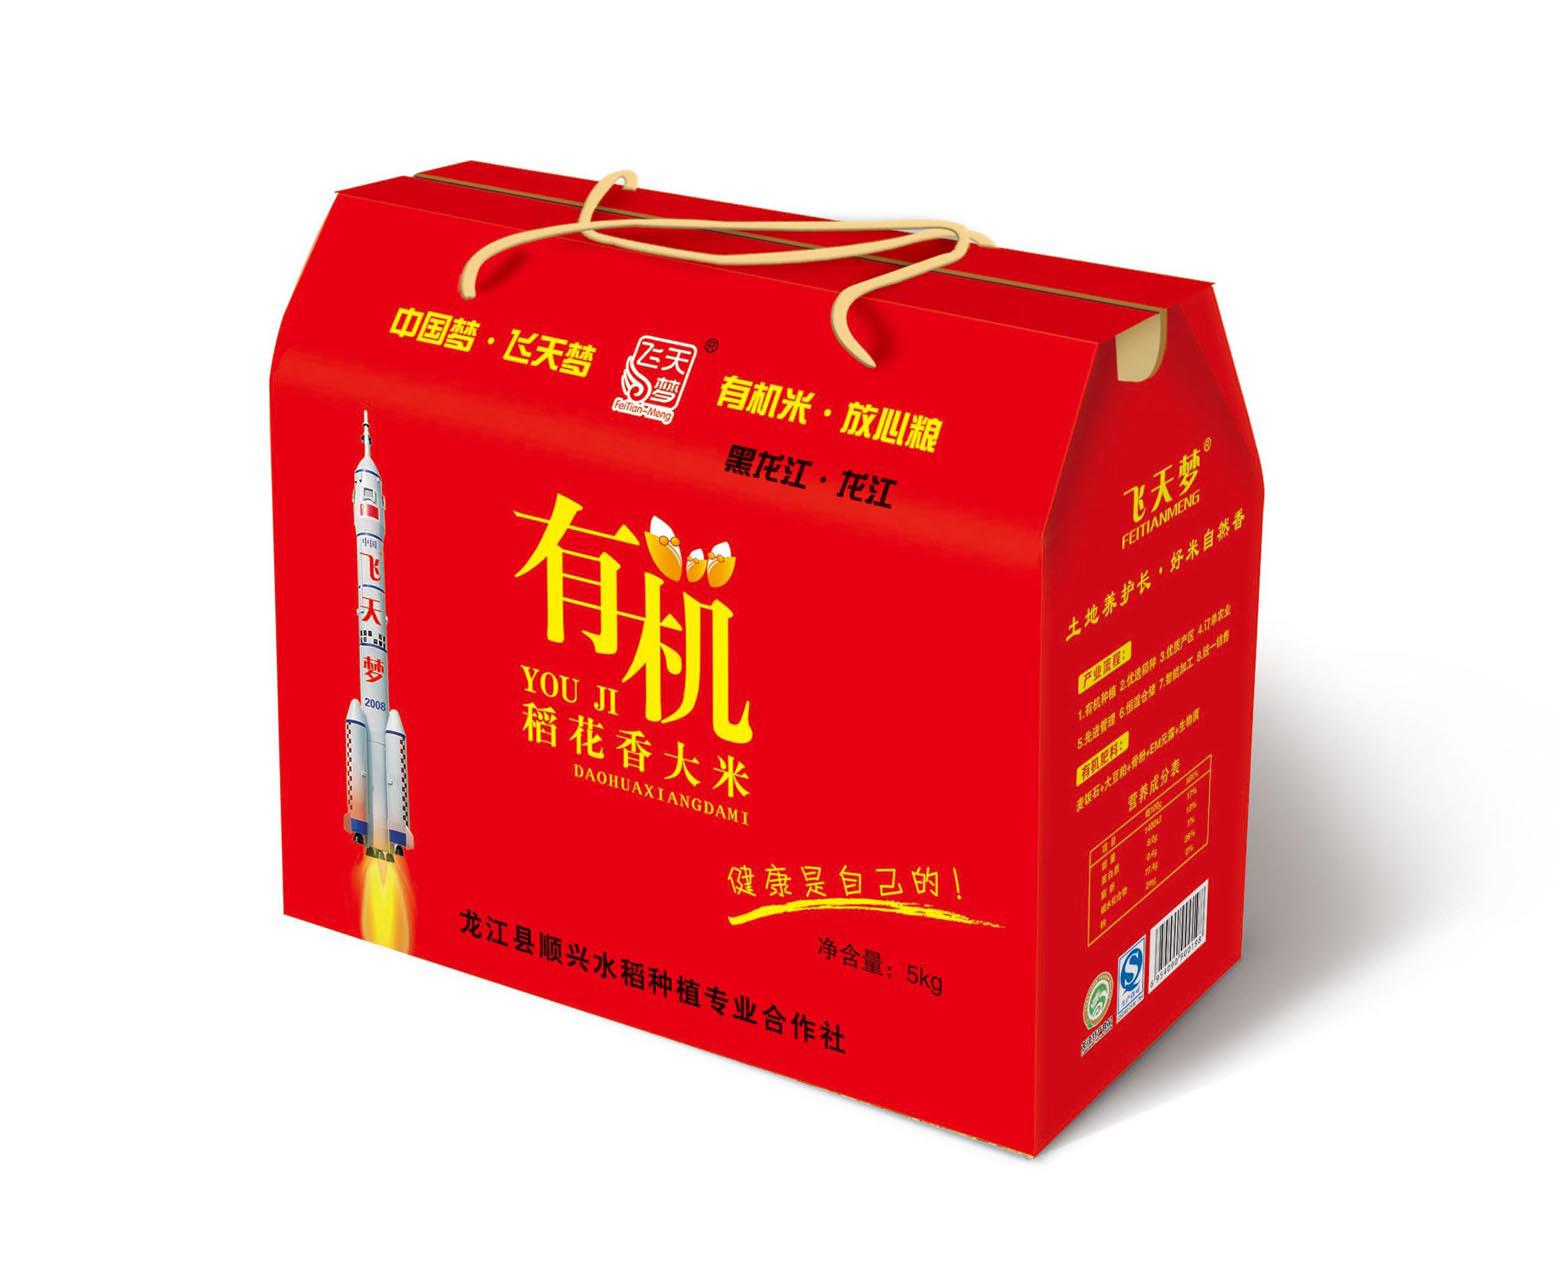 大米包裝箱3.jpg